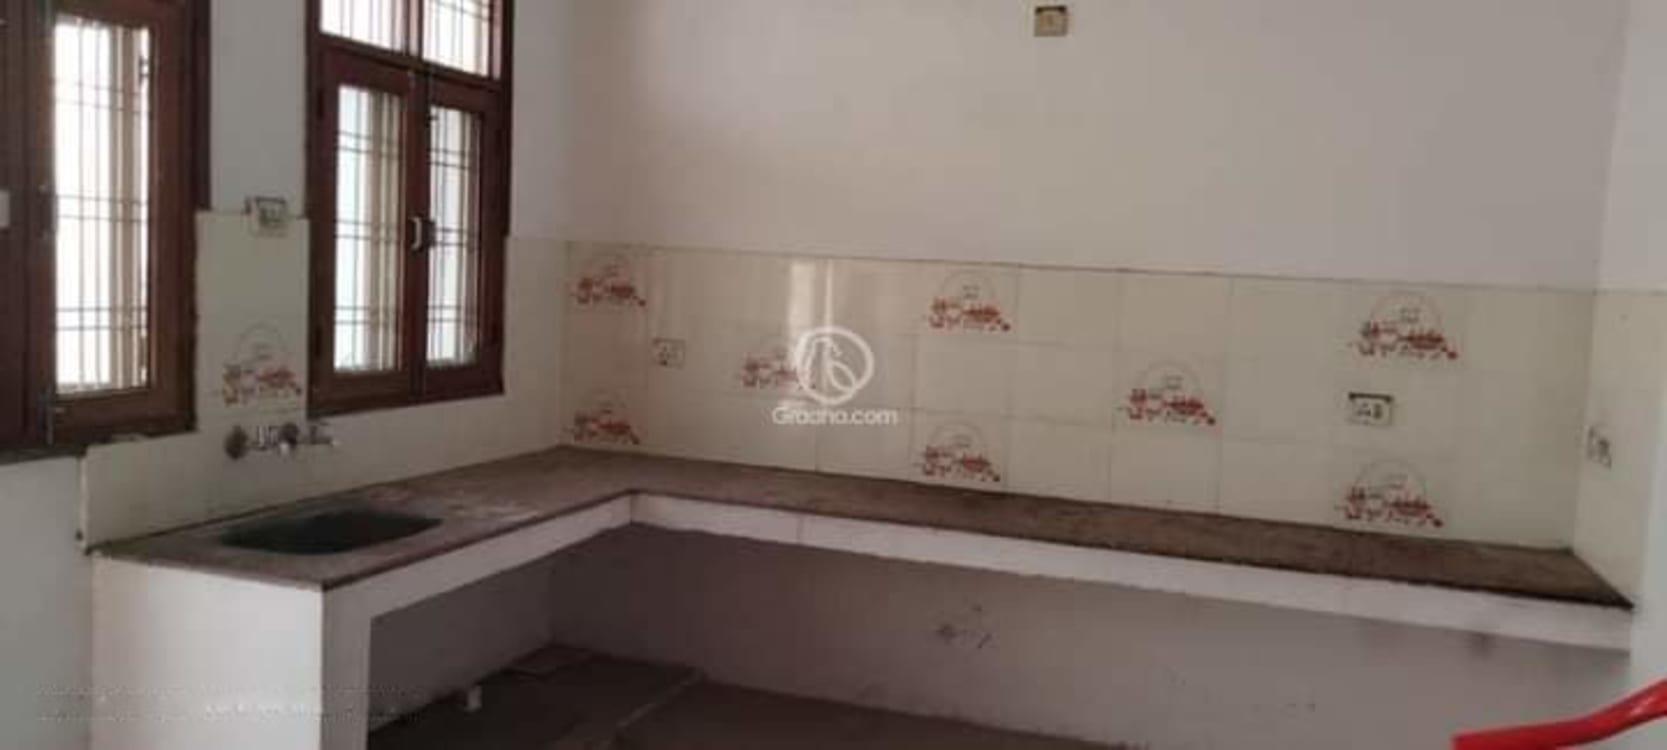 1080 Sqft Apartment for Rent | Graana.com